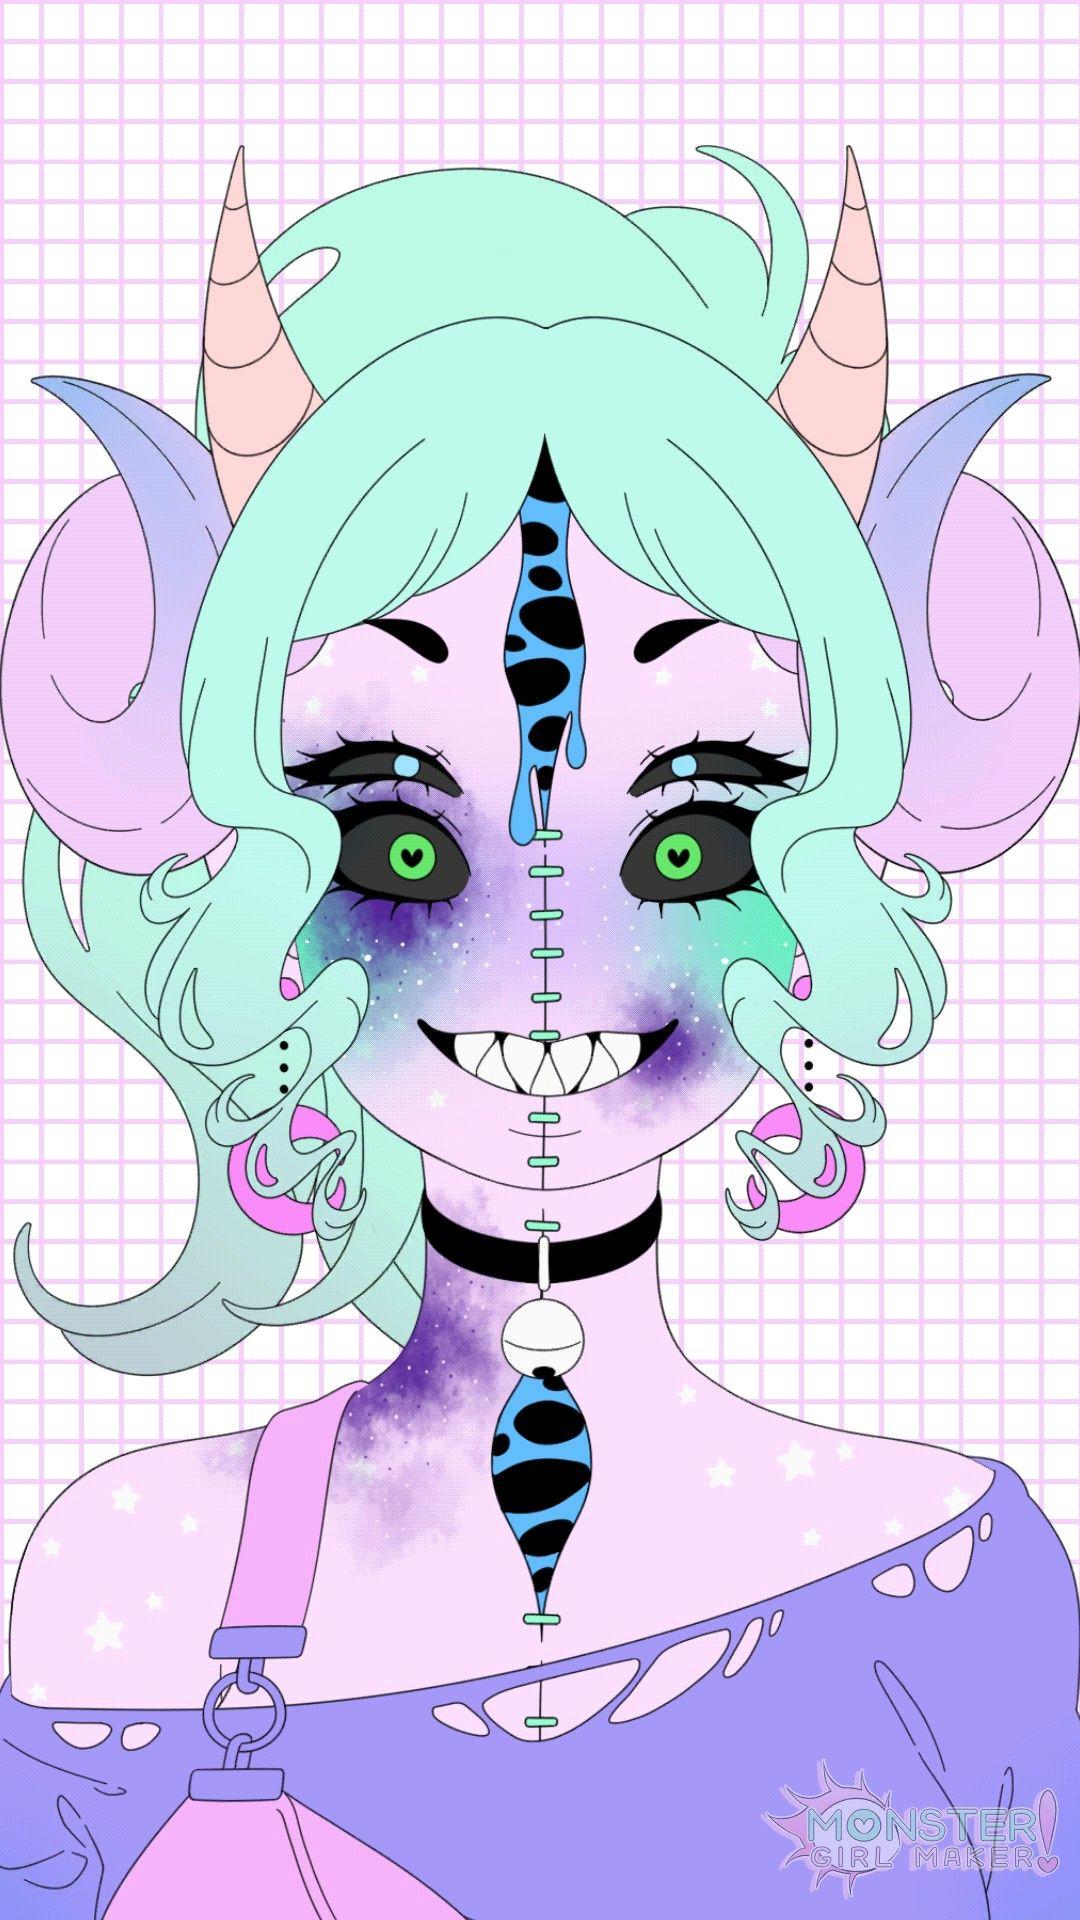 """Created with the """"Monster Girl Maker"""" app. Monster girl"""